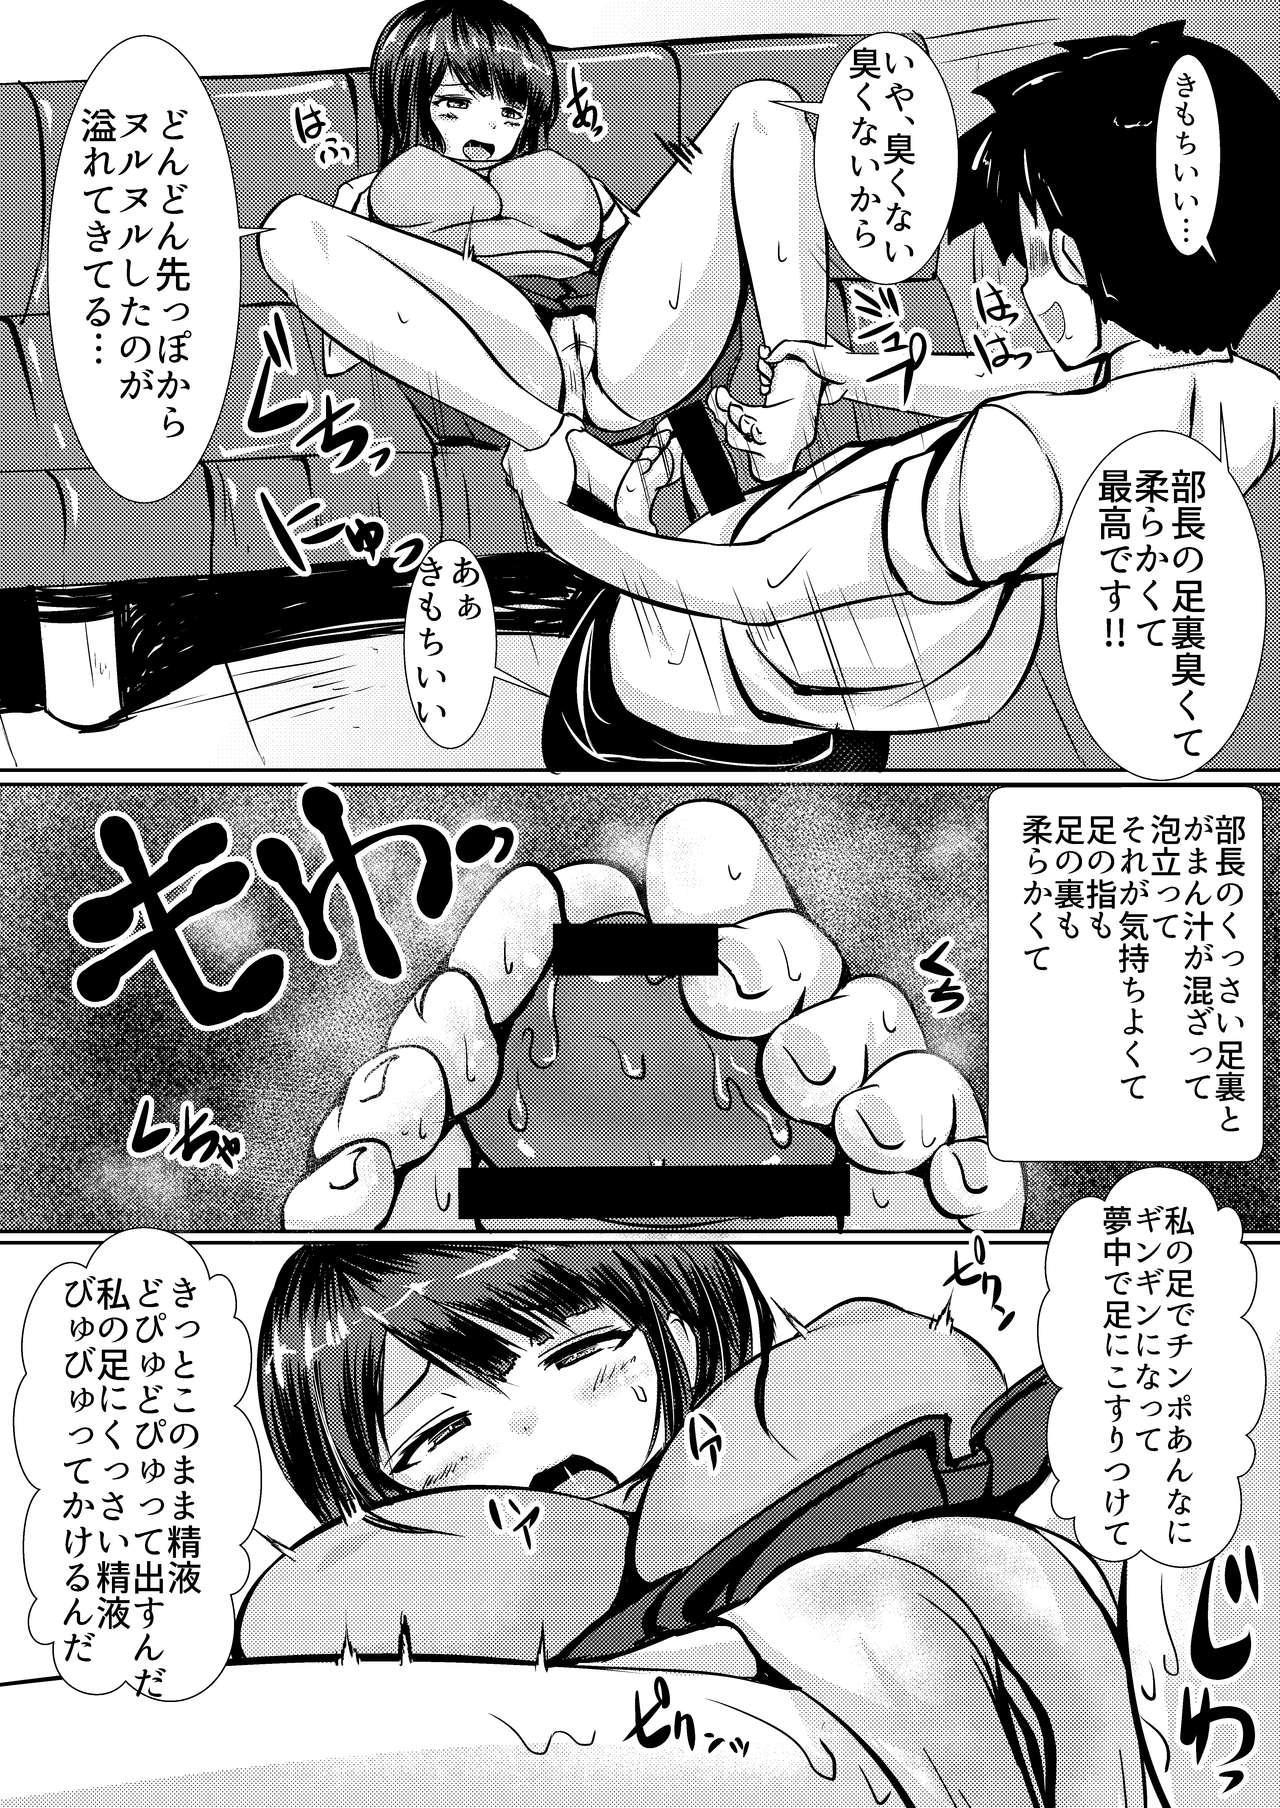 Ashiura Maniacs Vol.1 7